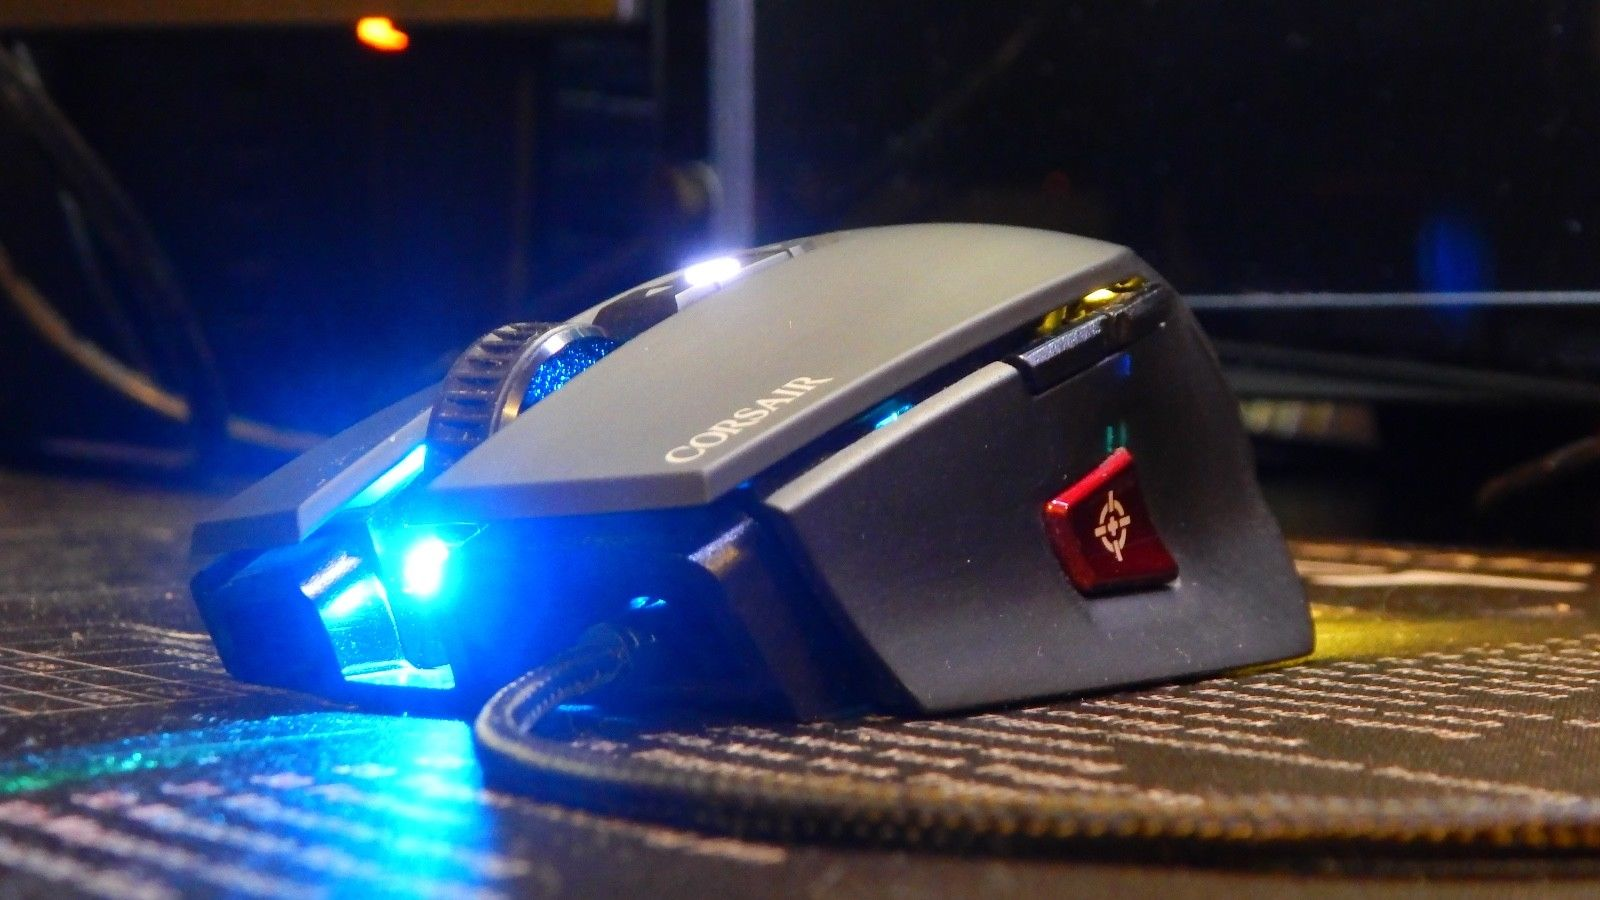 мышь Corsair M65 Pro RGB FPS Gaming Mouse